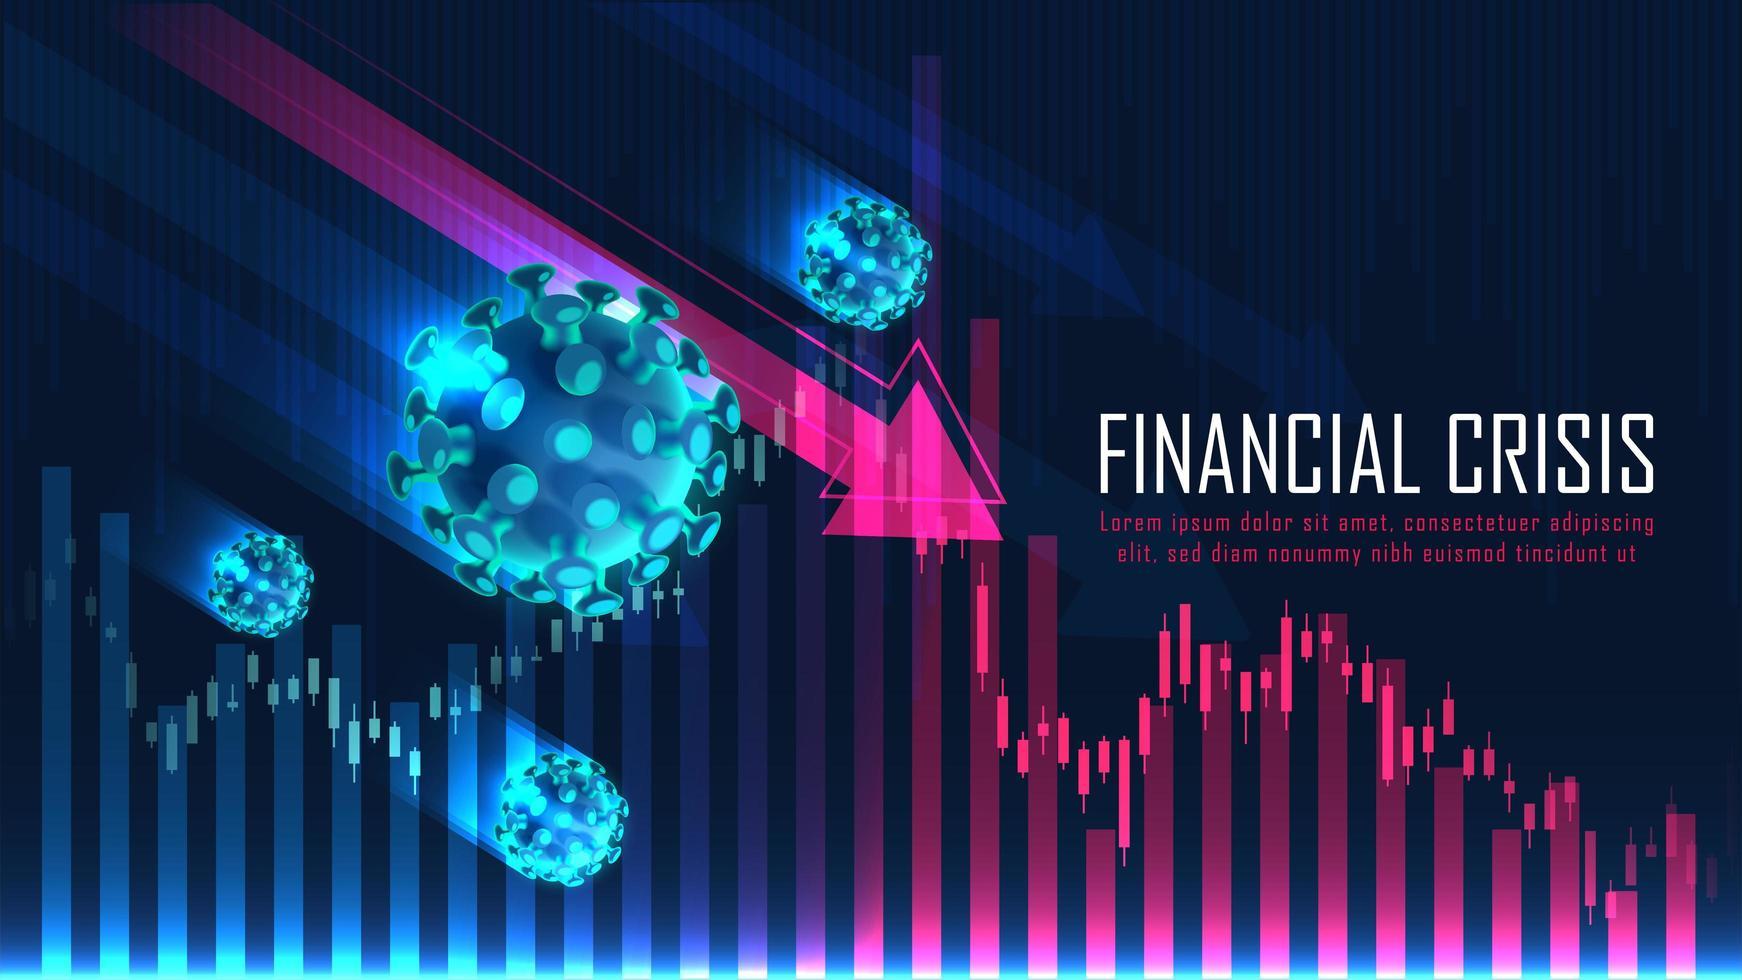 wereldwijde financiële crisis van virus pandemie grafisch concept vector